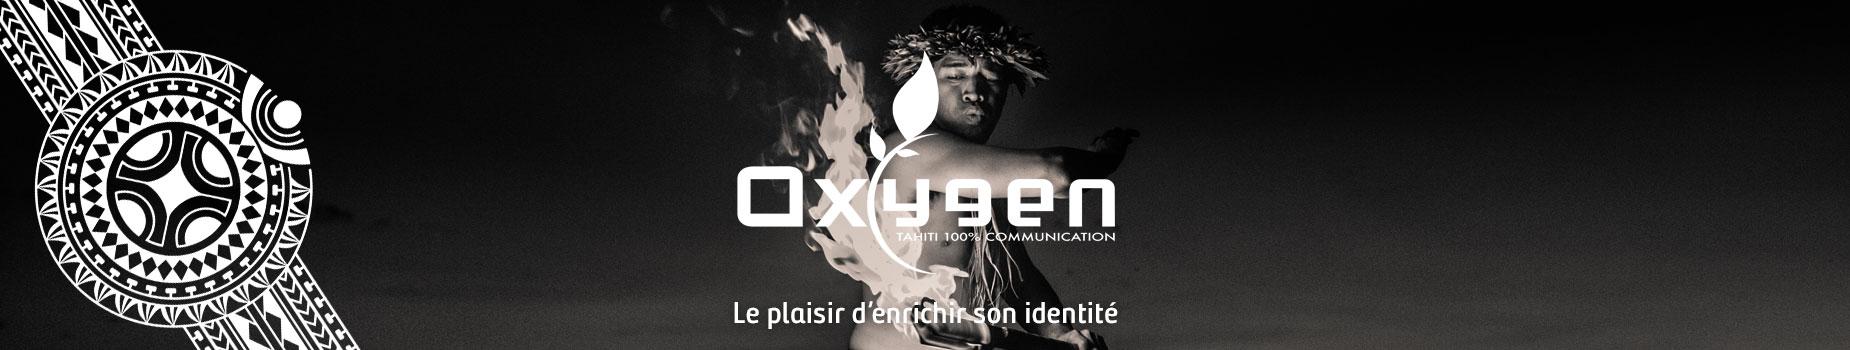 bandeaux-web-oxygen-new-4